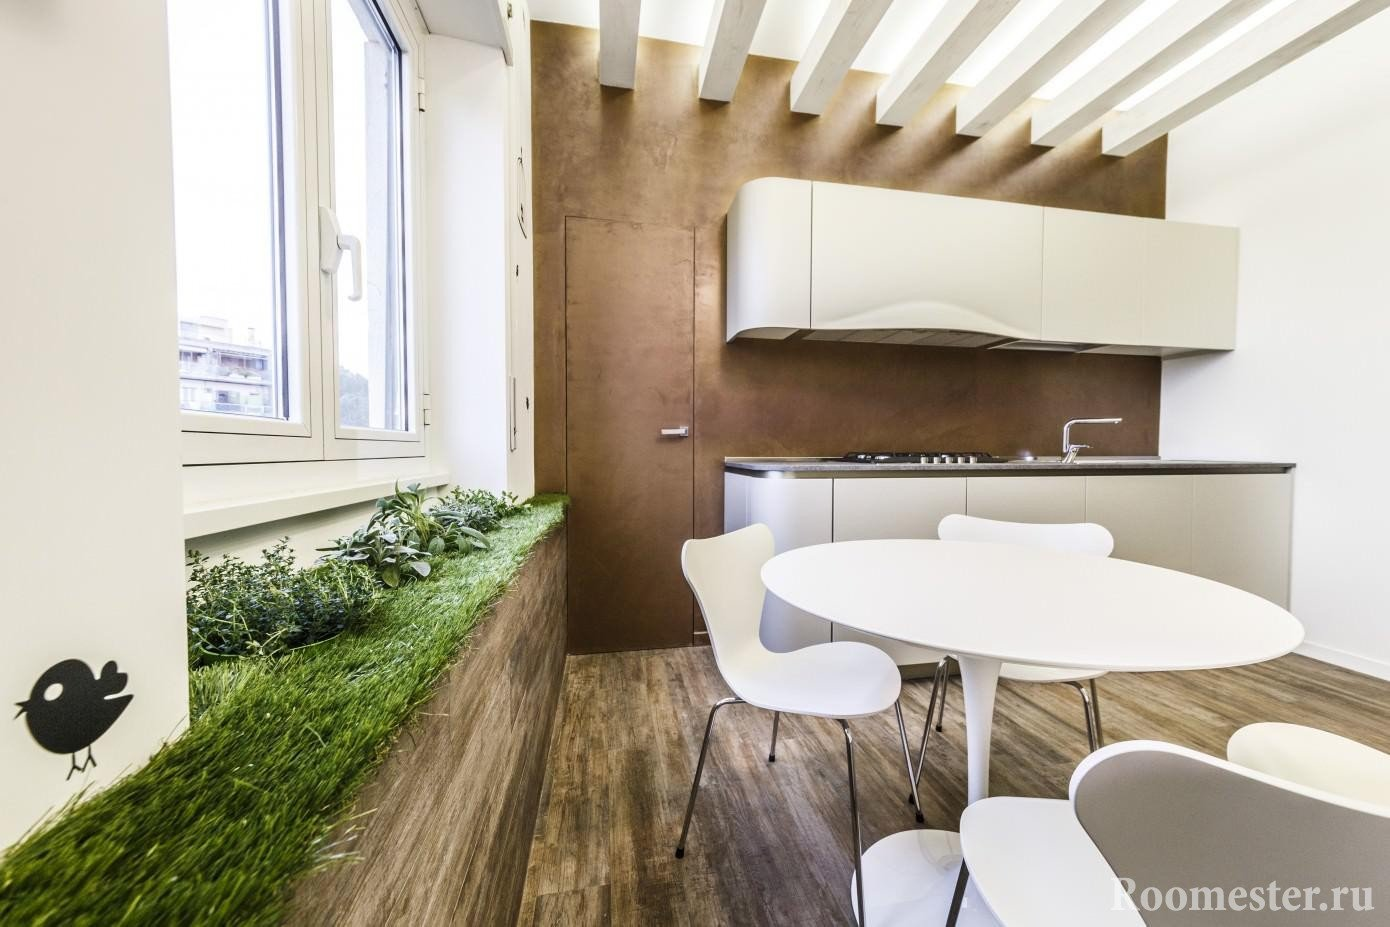 Зеленая зона в кухне для эко стиля